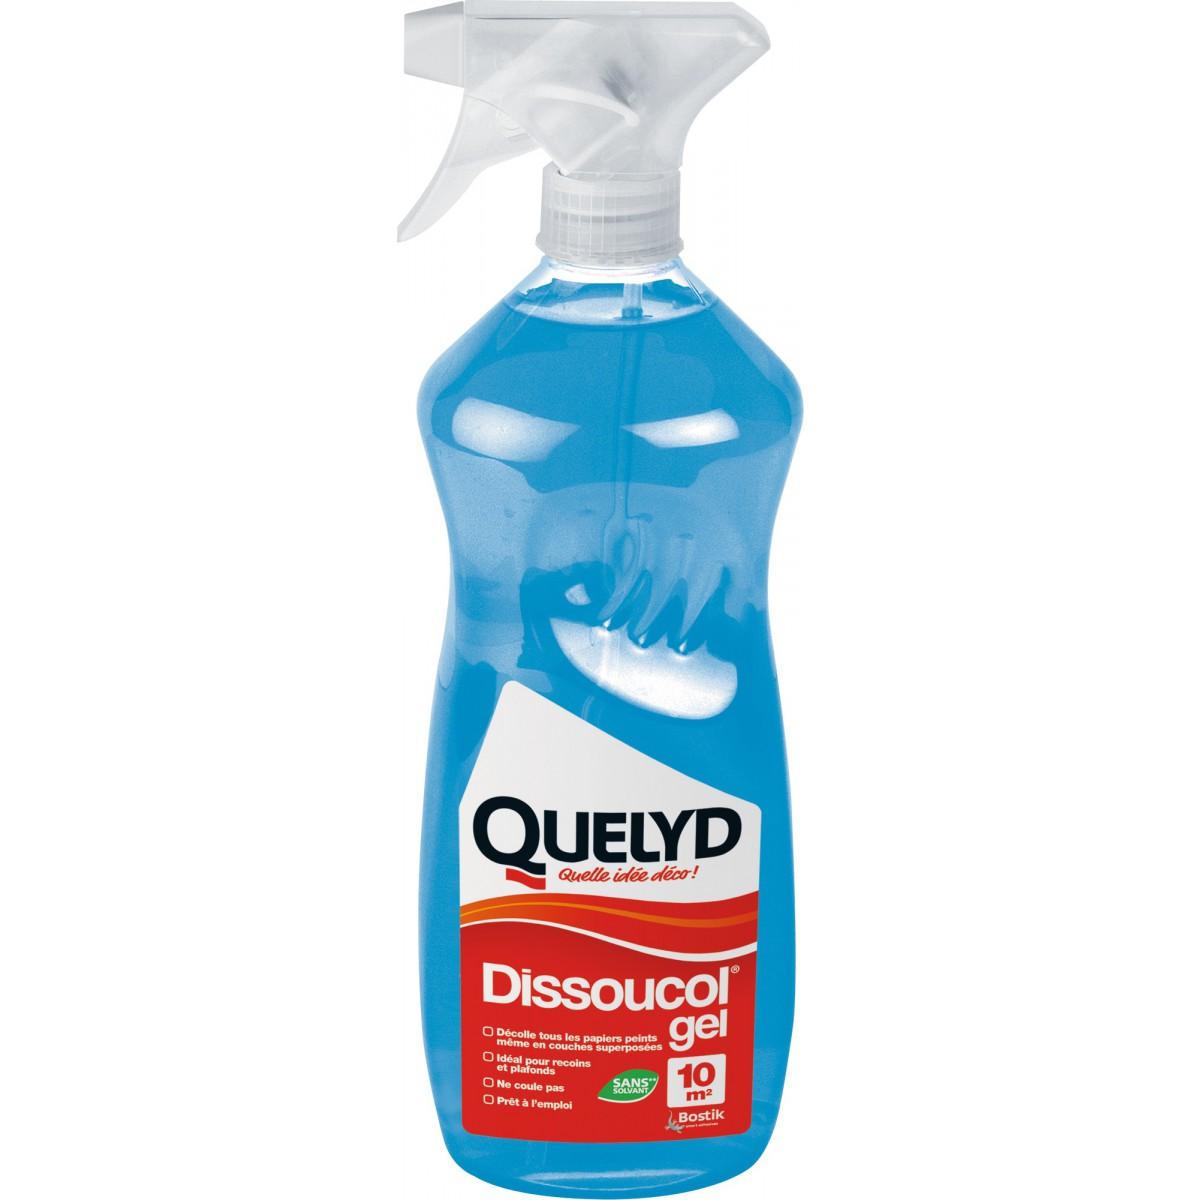 Dissoucol® gel papier peint Quelyd - Pulvérisateur 1 l